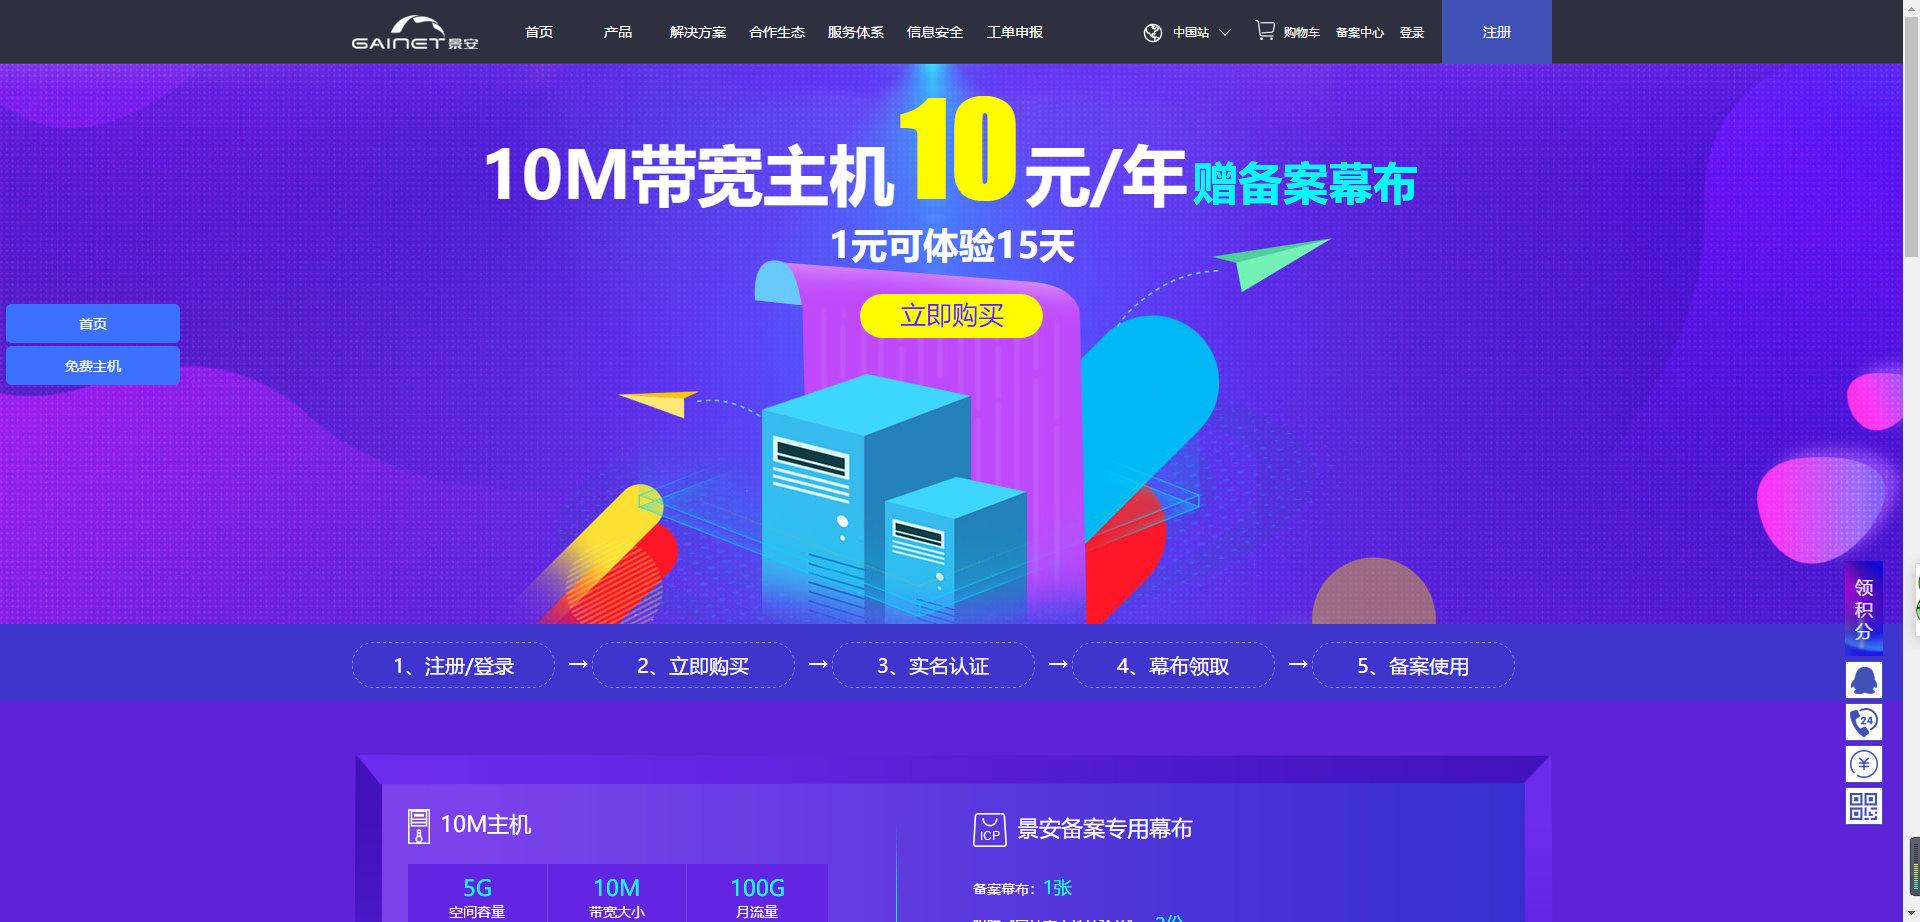 景安10M带宽主机10元/年